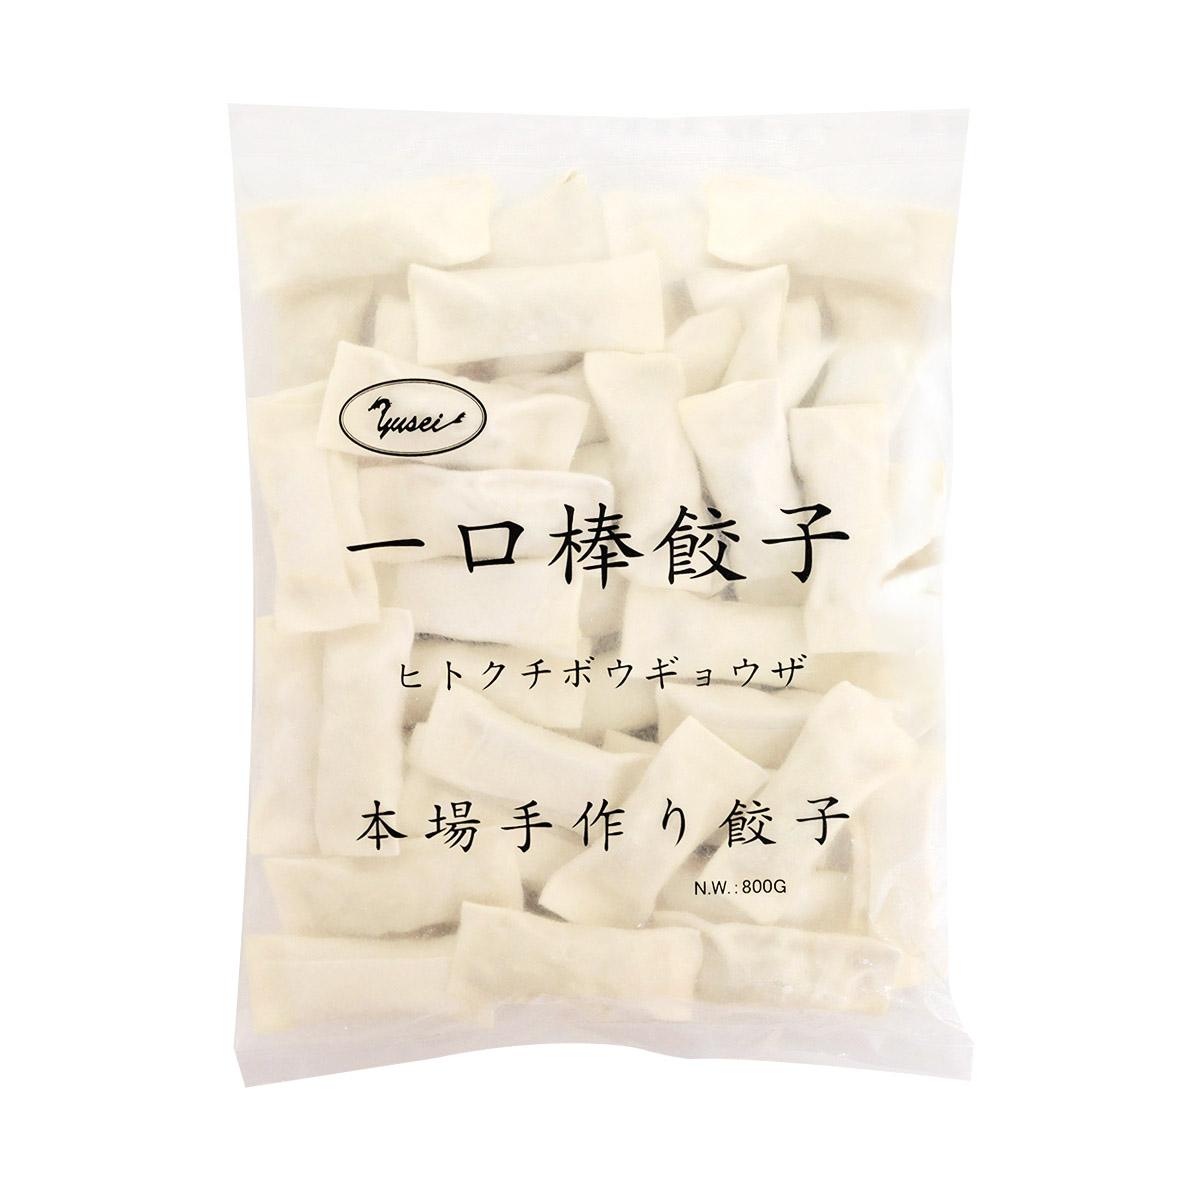 冷凍便 一口棒餃子 お気に入り 20g×40個 焼餃子 お得セット 袋 手作り特色鉄板餃子